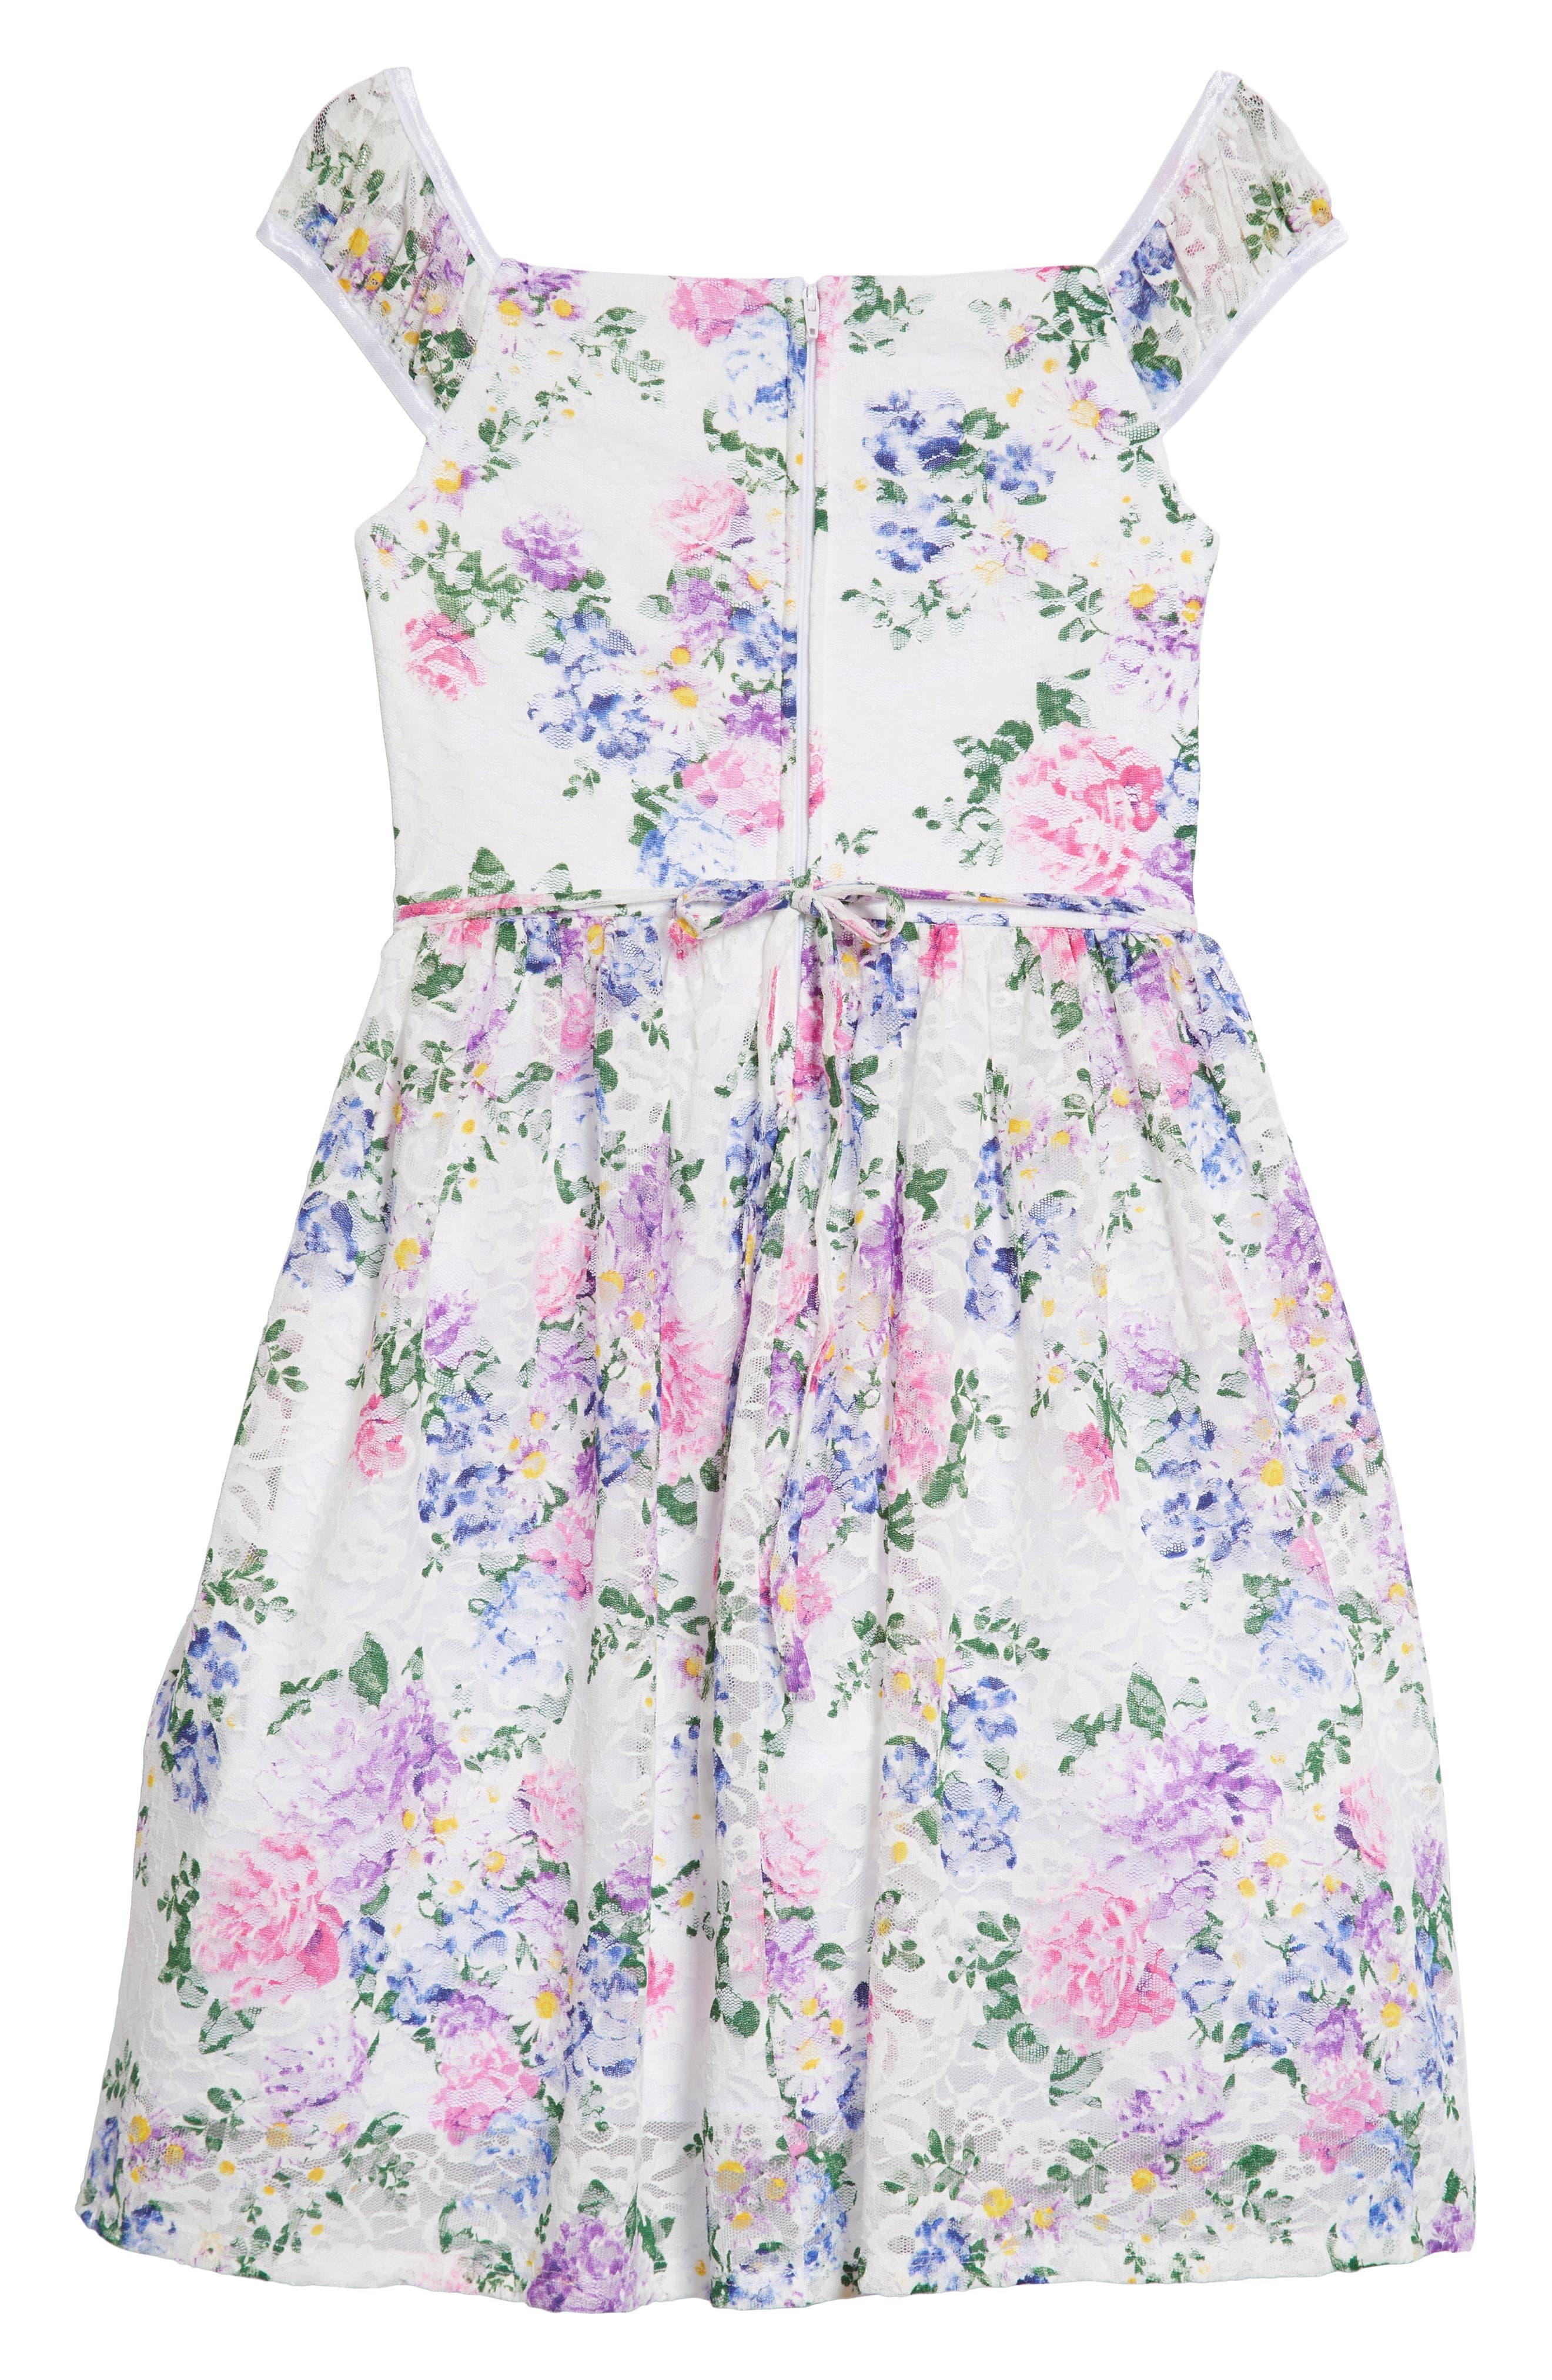 Floral Lace Dress,                             Alternate thumbnail 2, color,                             106